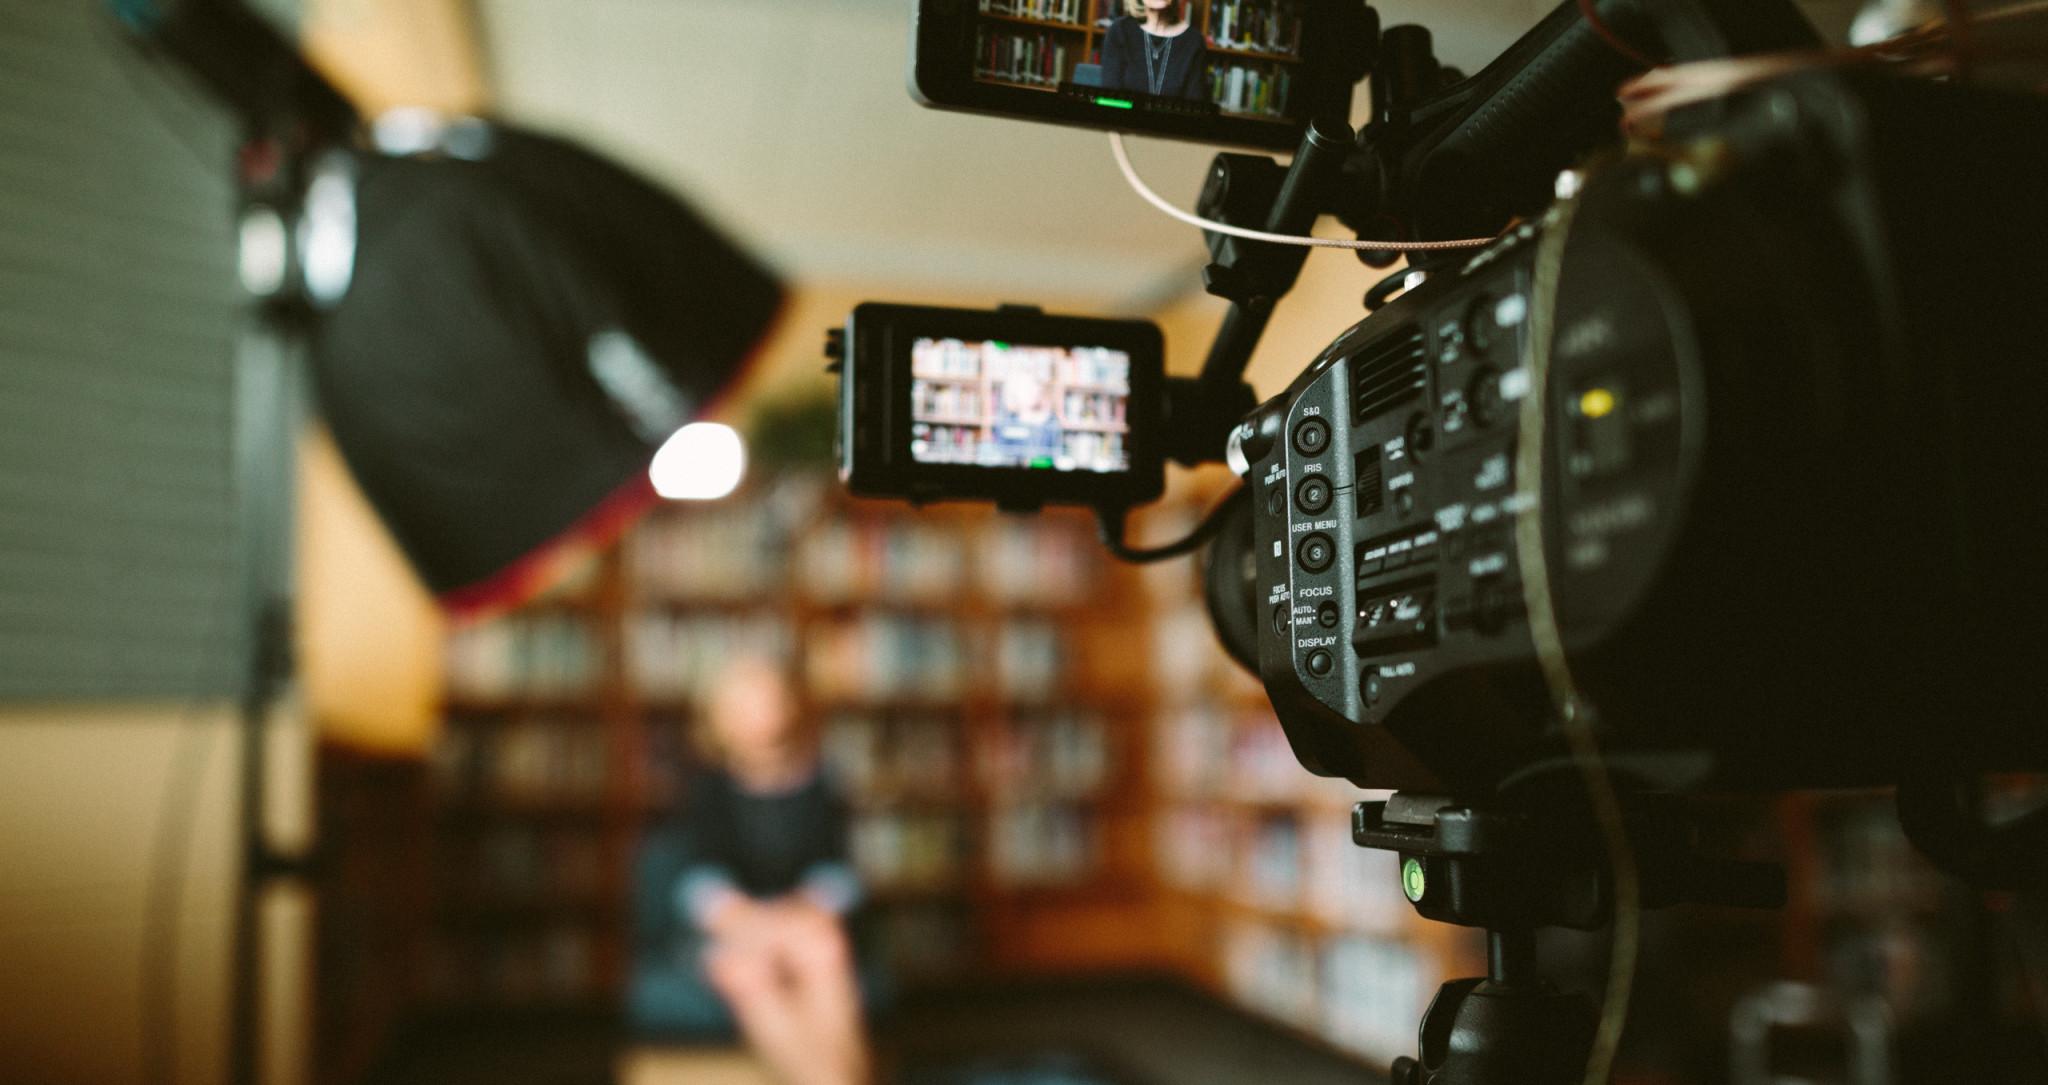 Bakom kulisserna under inspelning av intervju. Kamera i fokus, intervjuobjekt ur fokus.